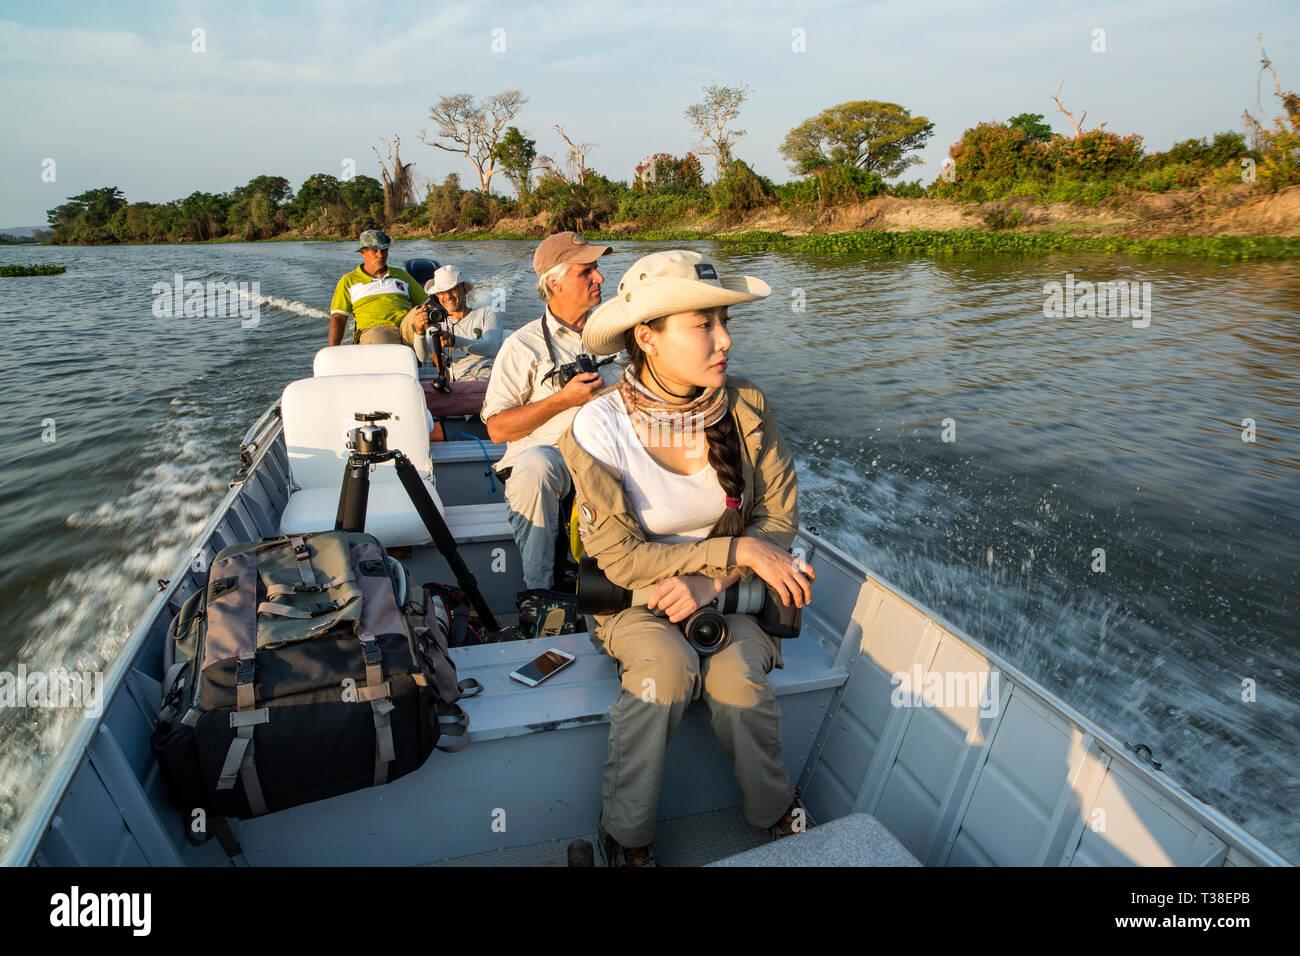 Touristen genießen die Feuchtgebiete, Paraguay Fluss, Pantanal, Brasilien Stockbild